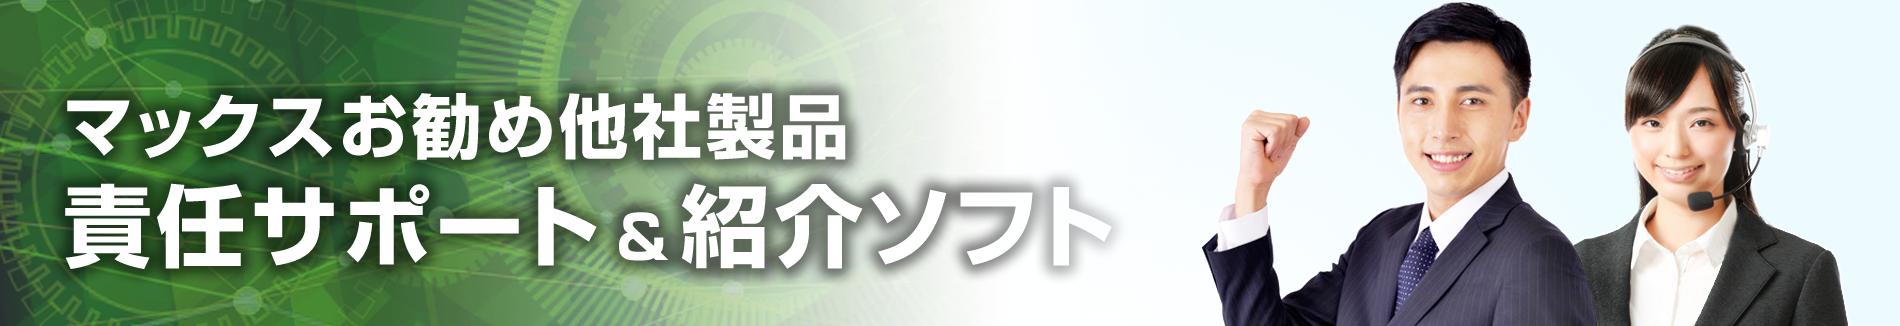 責任サポートソフト&紹介ソフト